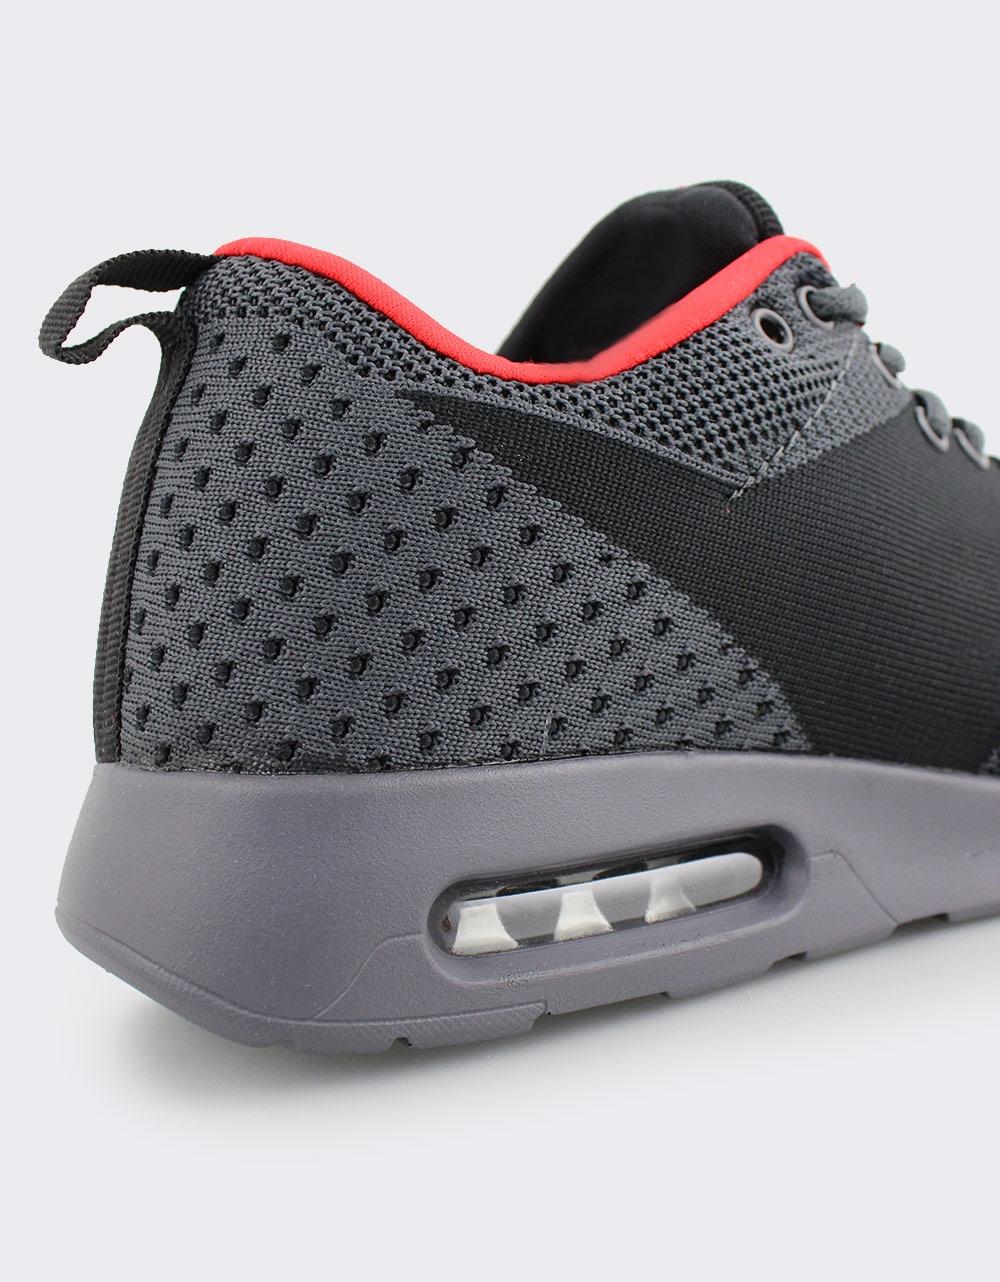 Εικόνα από Ανδρικά Sneakers με πλεκτό σχέδιο και αερόσολα Μαύρο/Γκρι